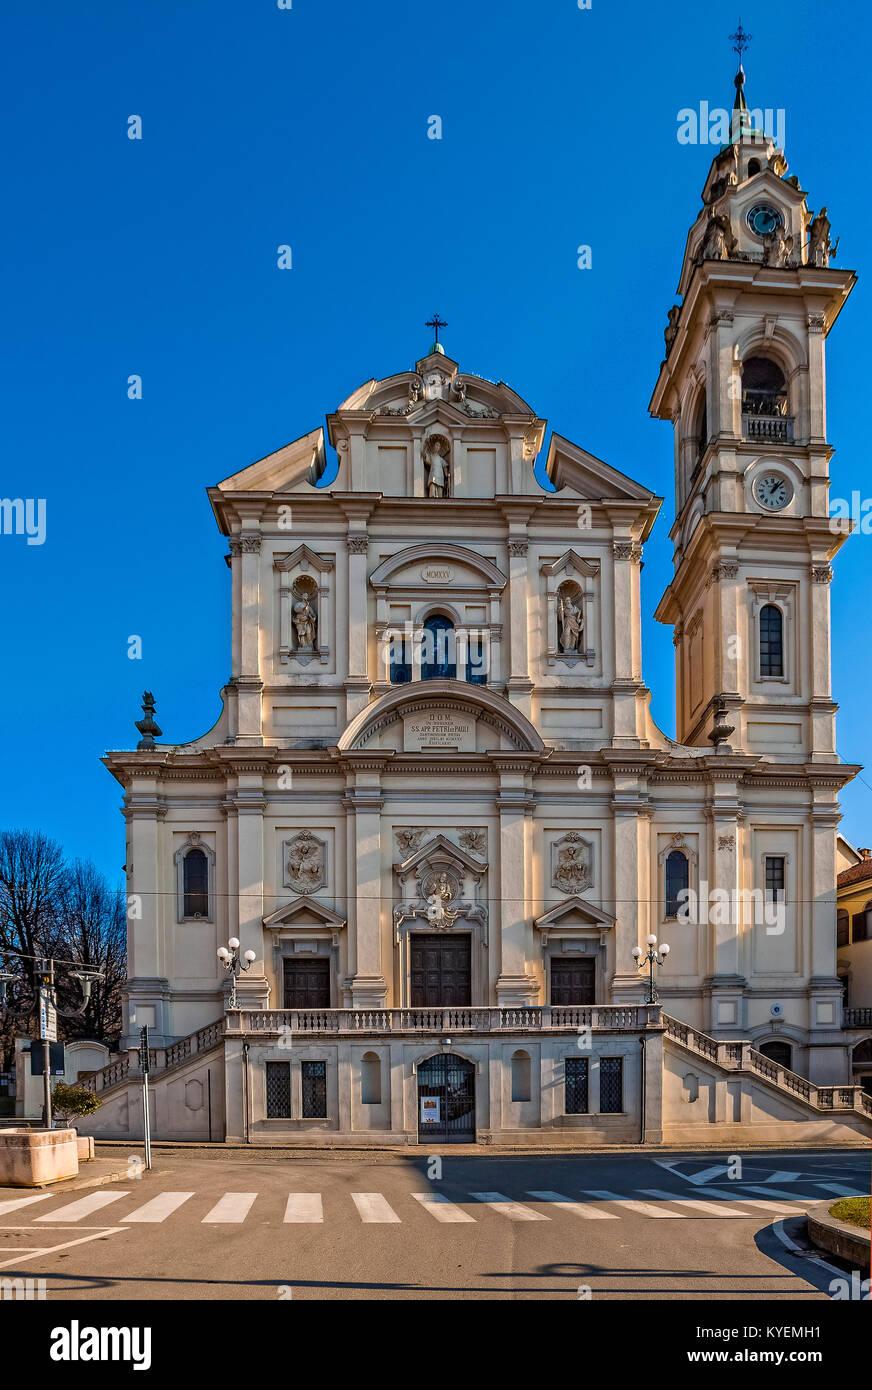 Italy Piedmont Santena Piazza della libertà Parrisch Church SS. Pietro e Paolo - Stock Image